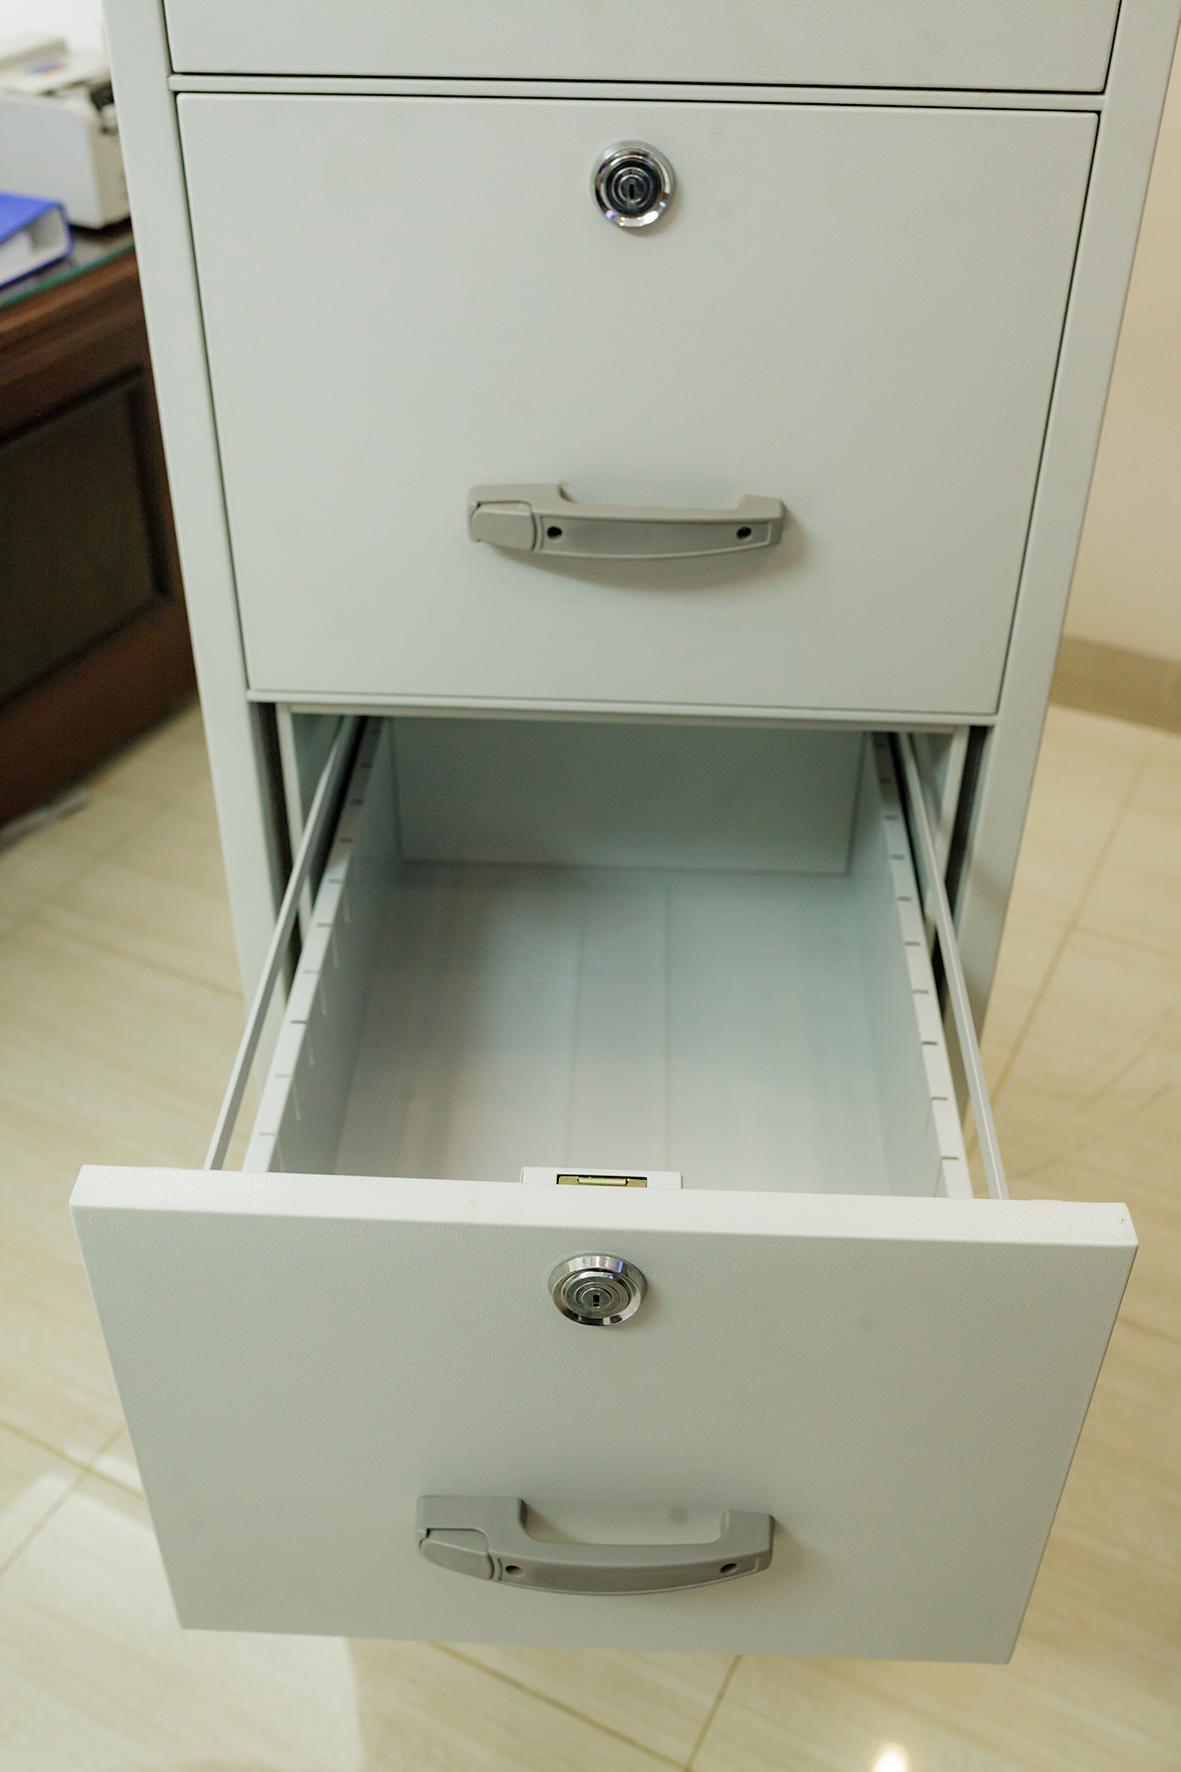 hình ảnh sản phẩm Tủ sắt chống cháy 3 ngăn